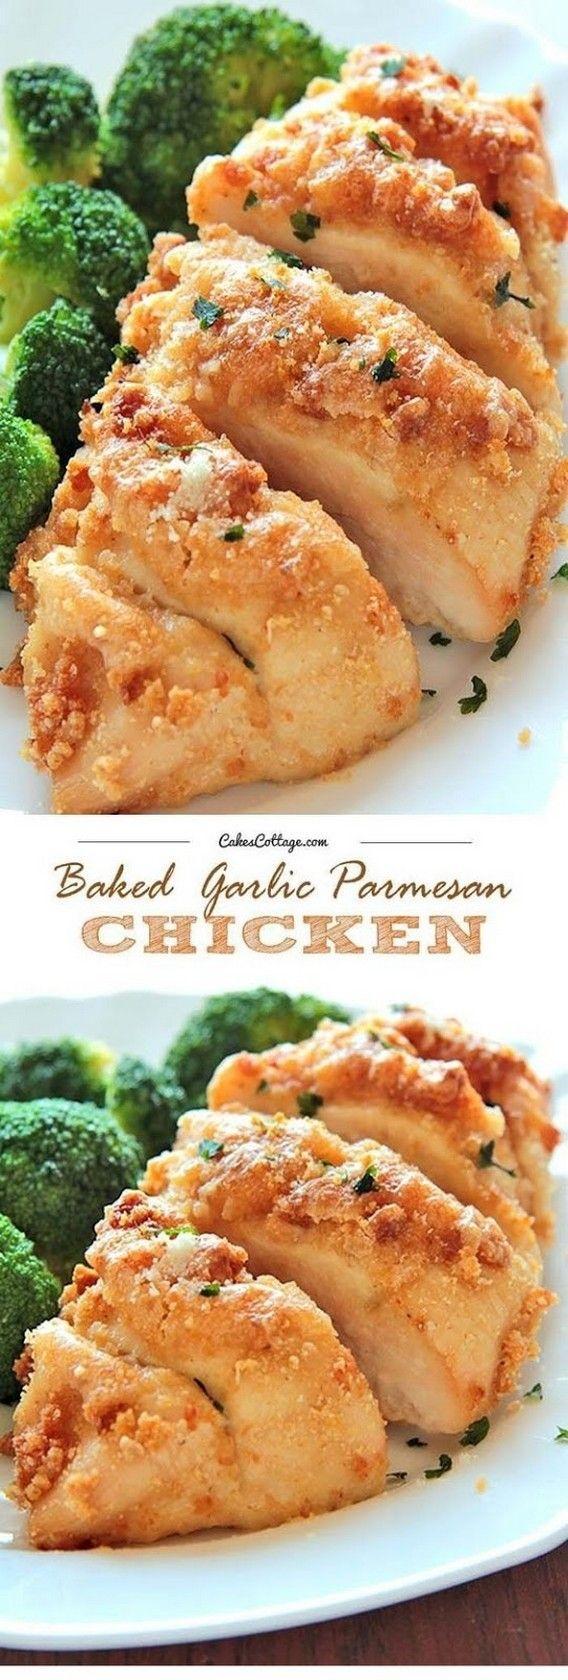 Baked Garlic Parmesan Chicken   Super Tasty Recipes